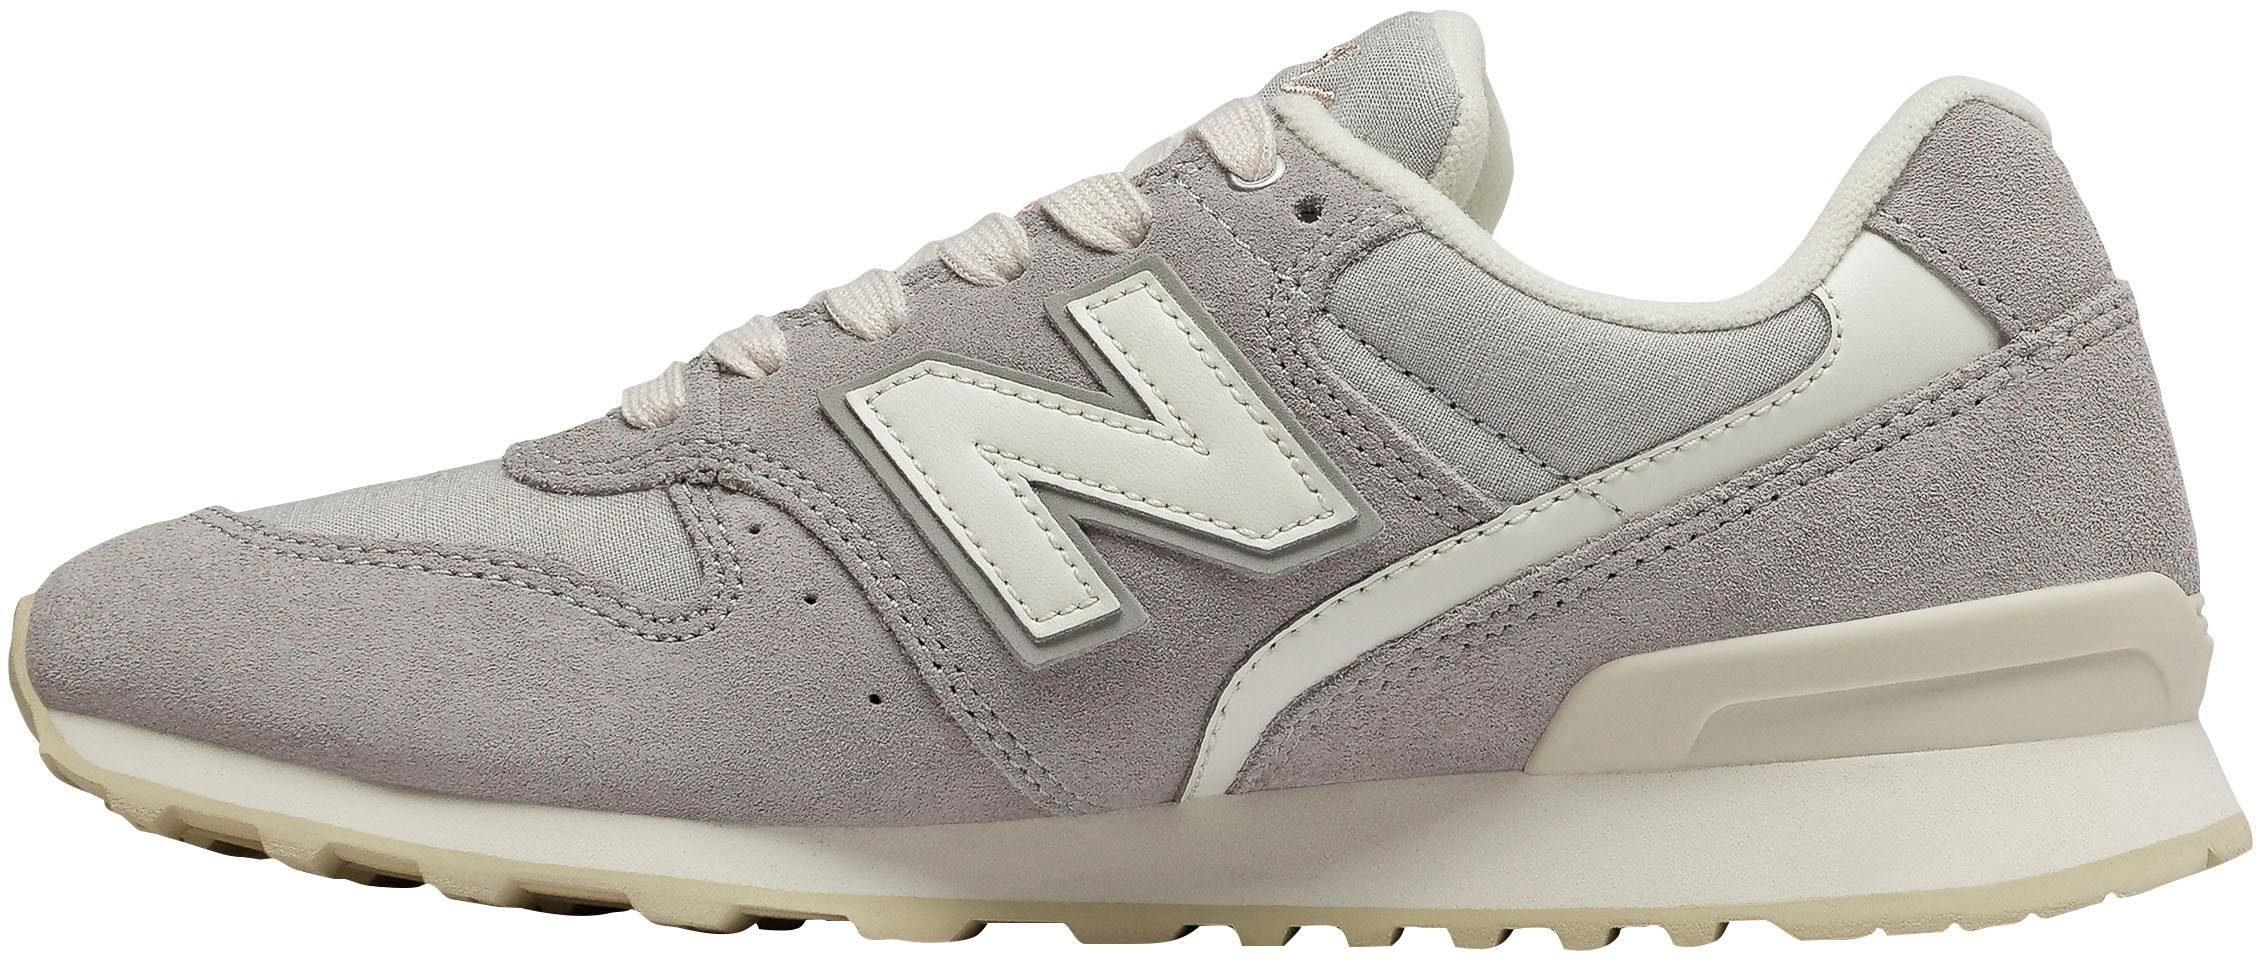 New Balance »WR 996« Sneaker online kaufen   OTTO